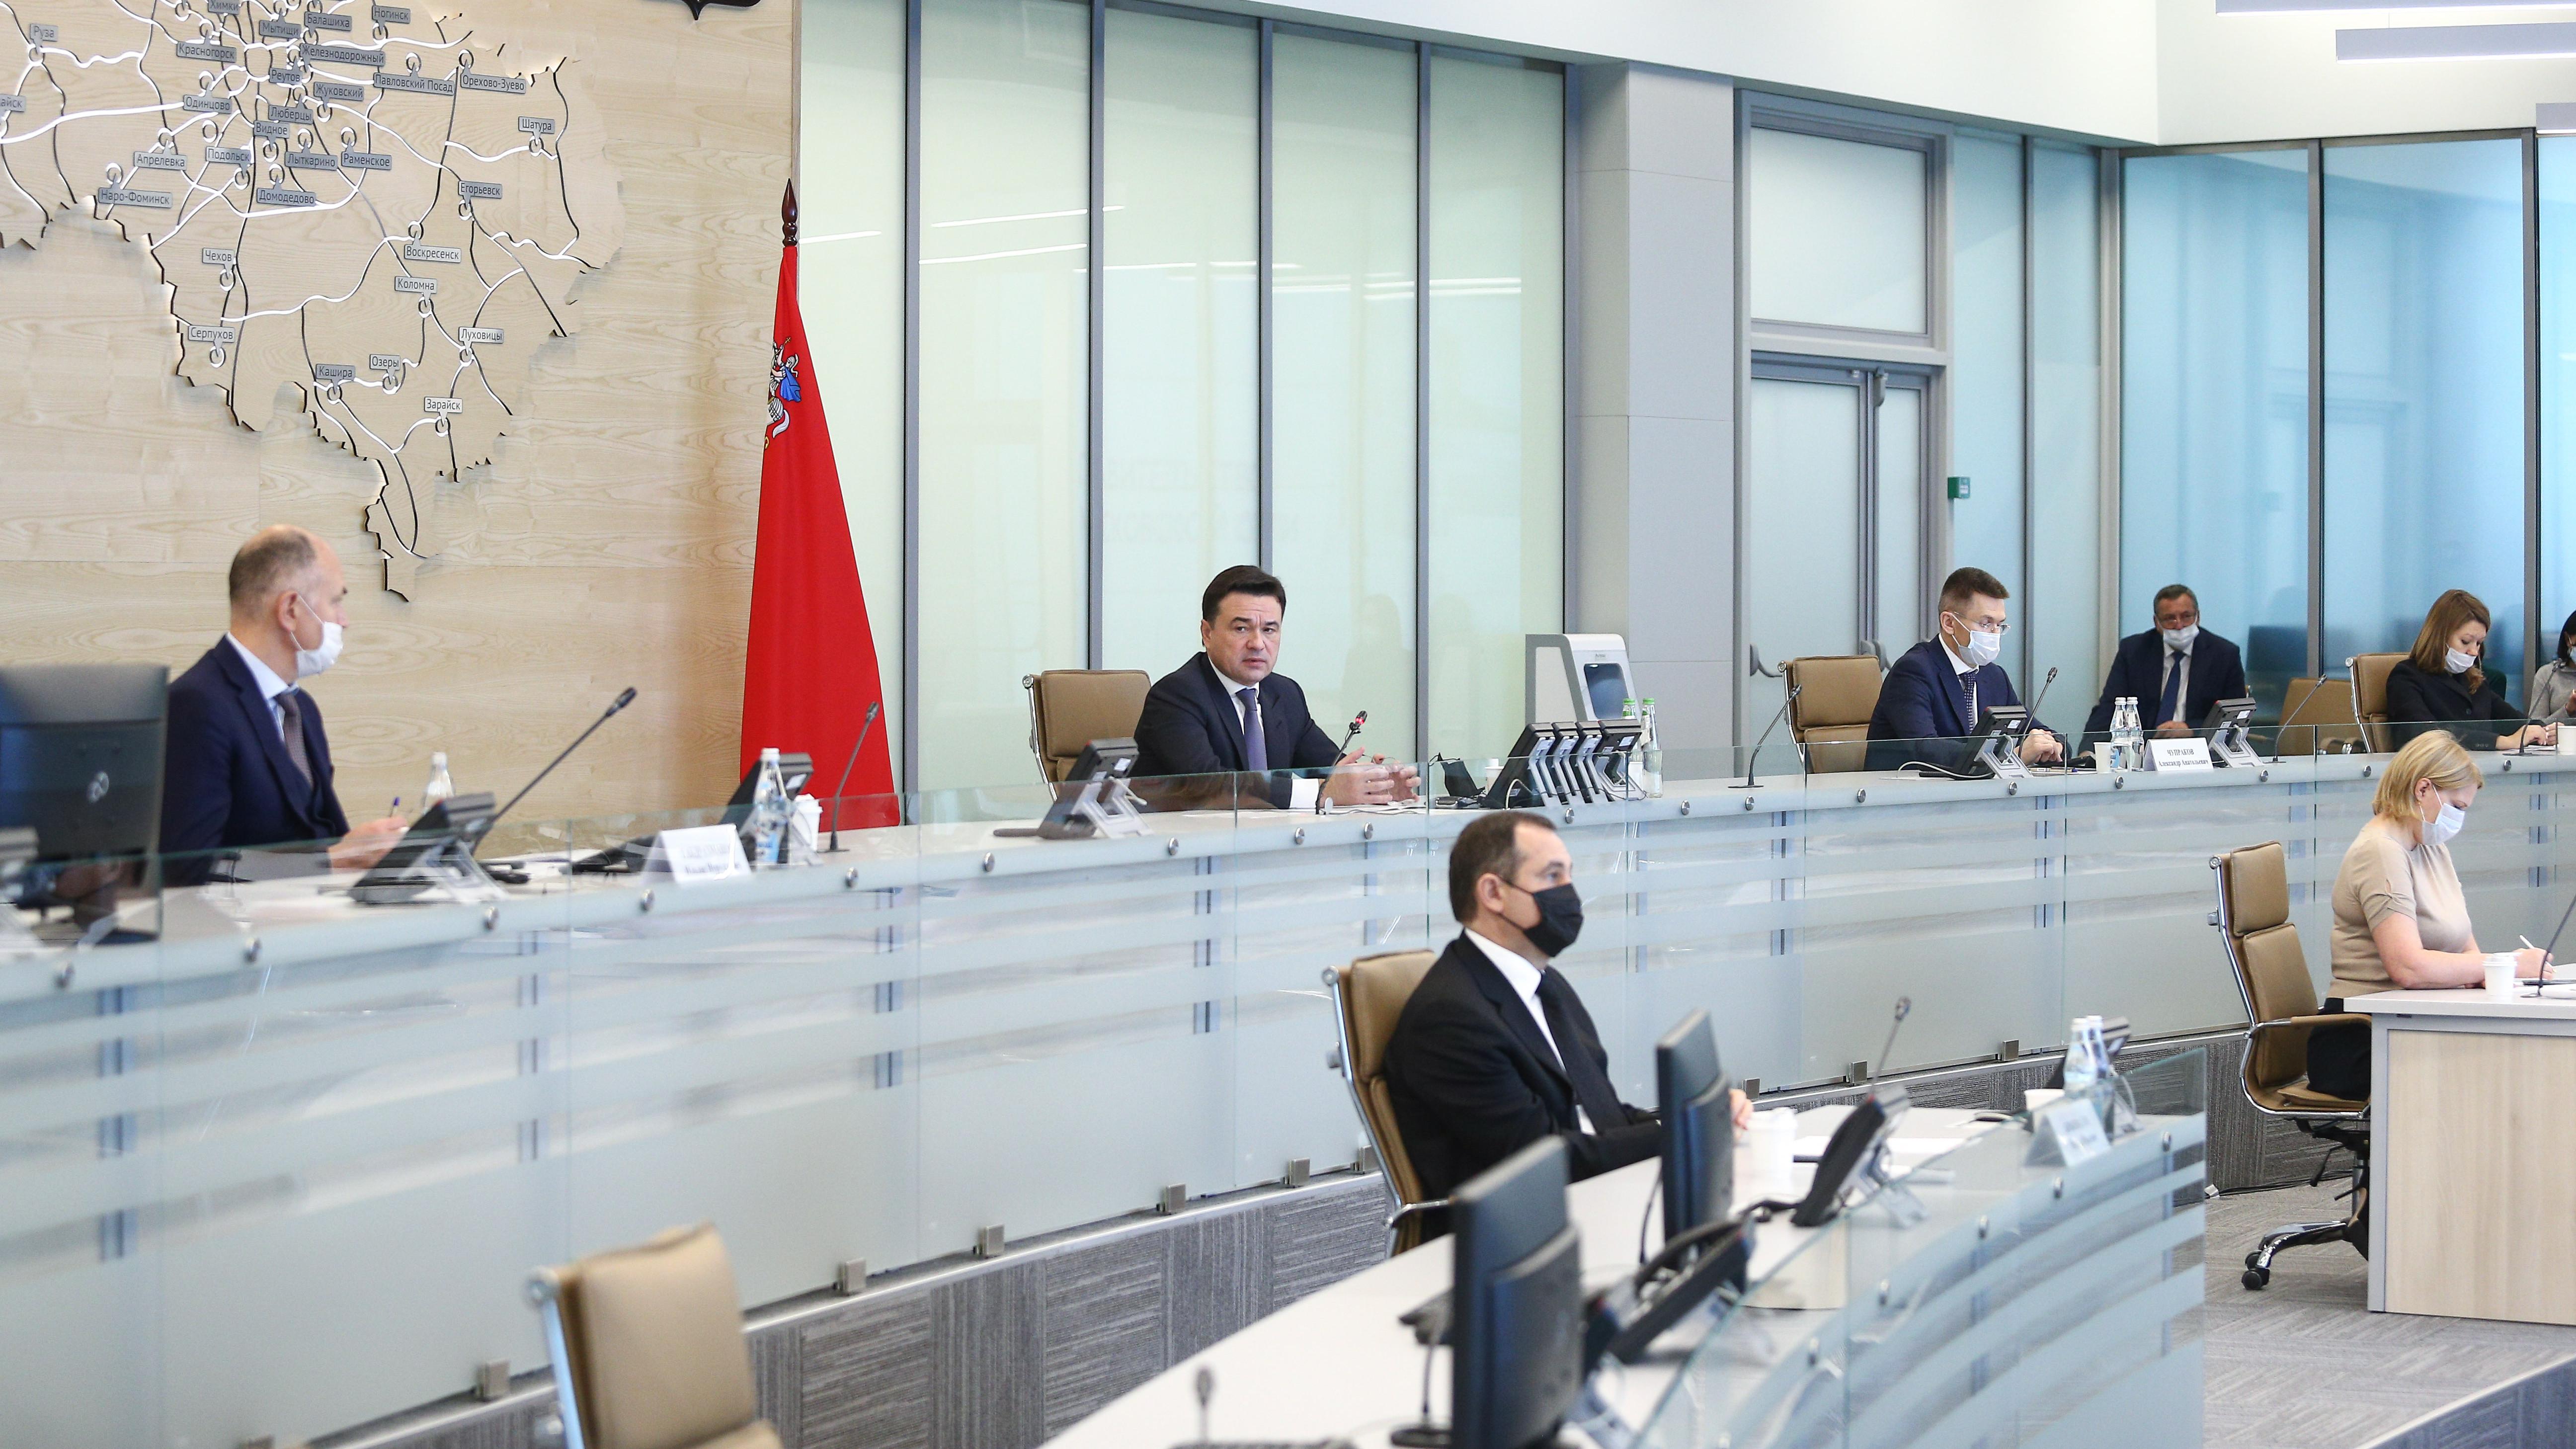 Губернатор обсудил противокоронавирусные меры на совещании с членами правительства